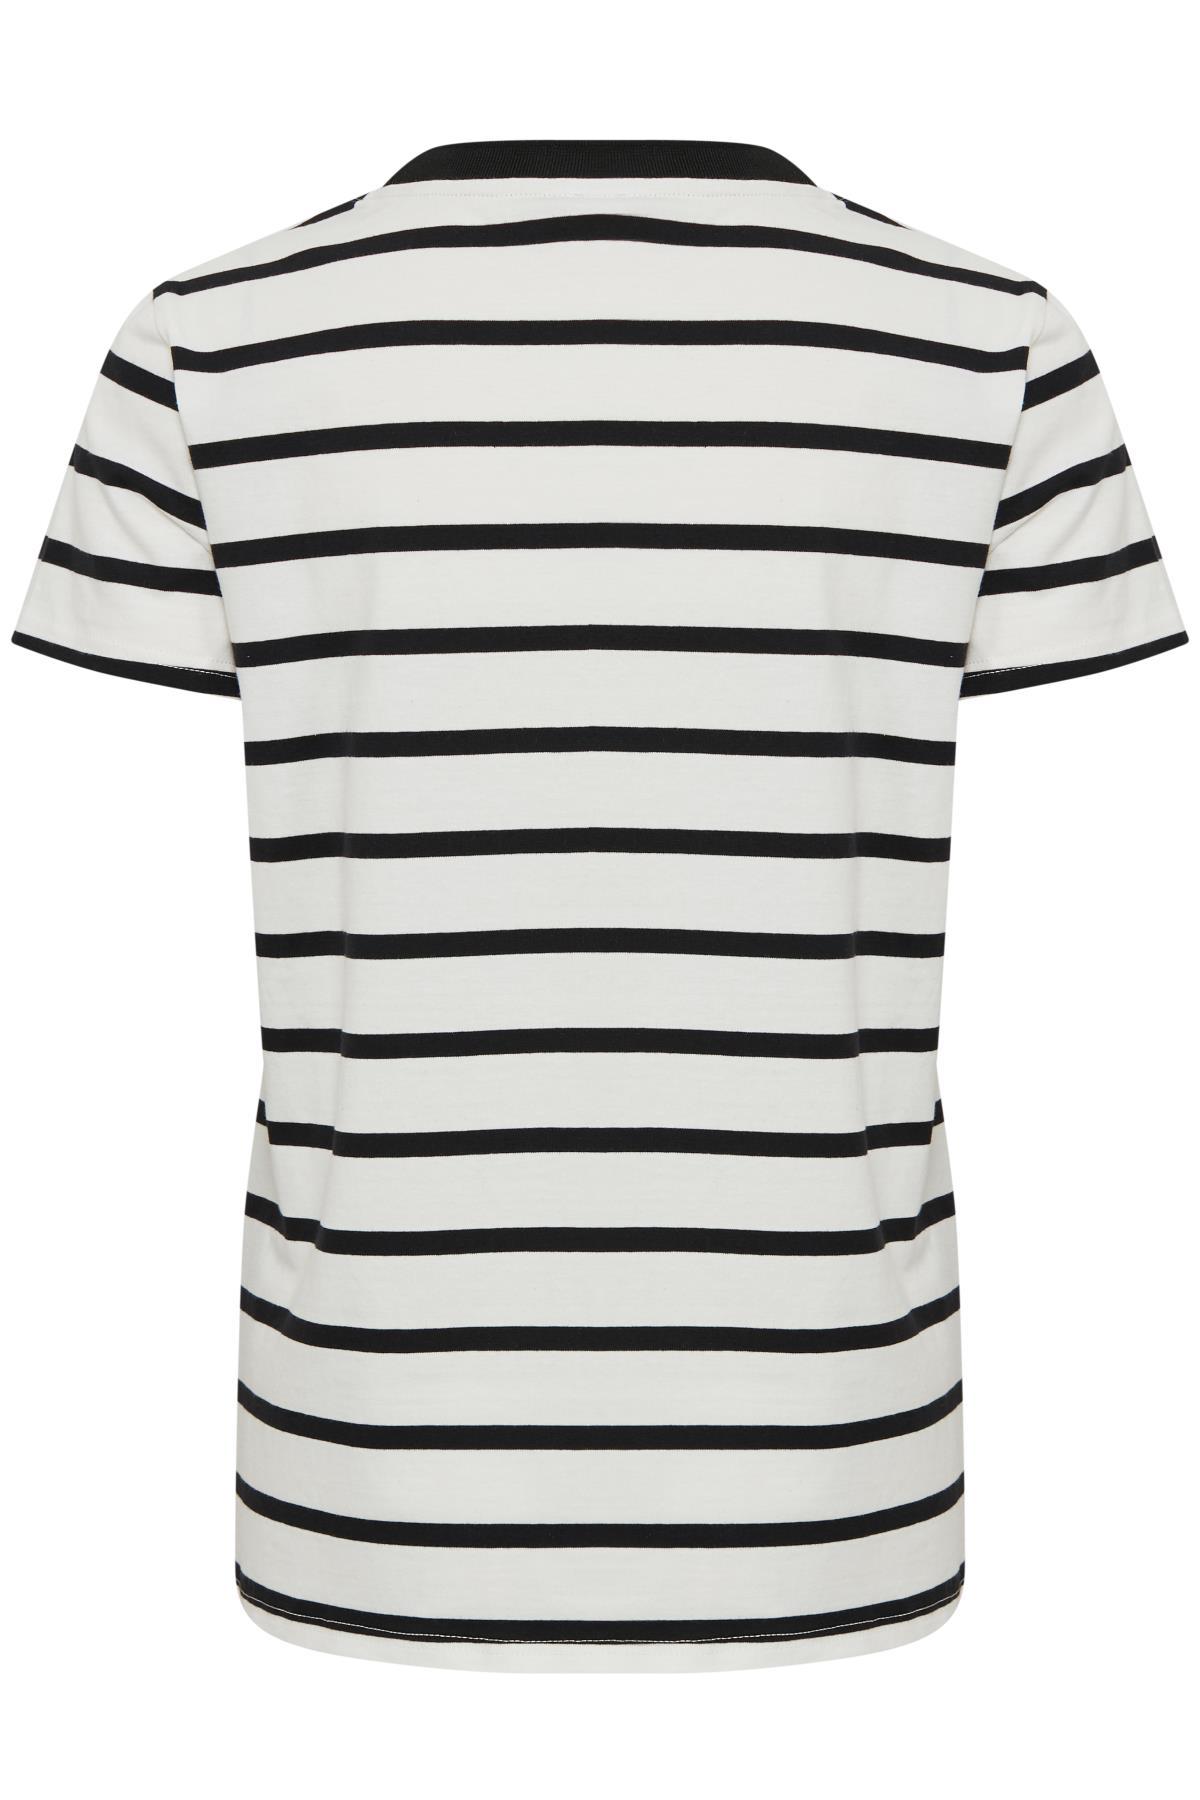 Hvid/sort Kortærmet T-shirt fra Kaffe – Køb Hvid/sort Kortærmet T-shirt fra str. XS-XXL her